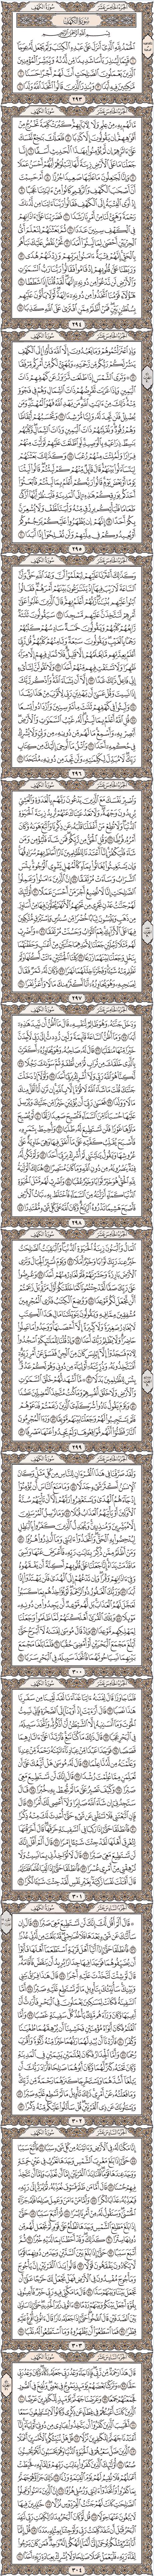 سورة الكهف كاملة على شكل صورة لن تاخذ منك إلا دقائق صورة Islamic Phrases Quran Quotes Quran Verses